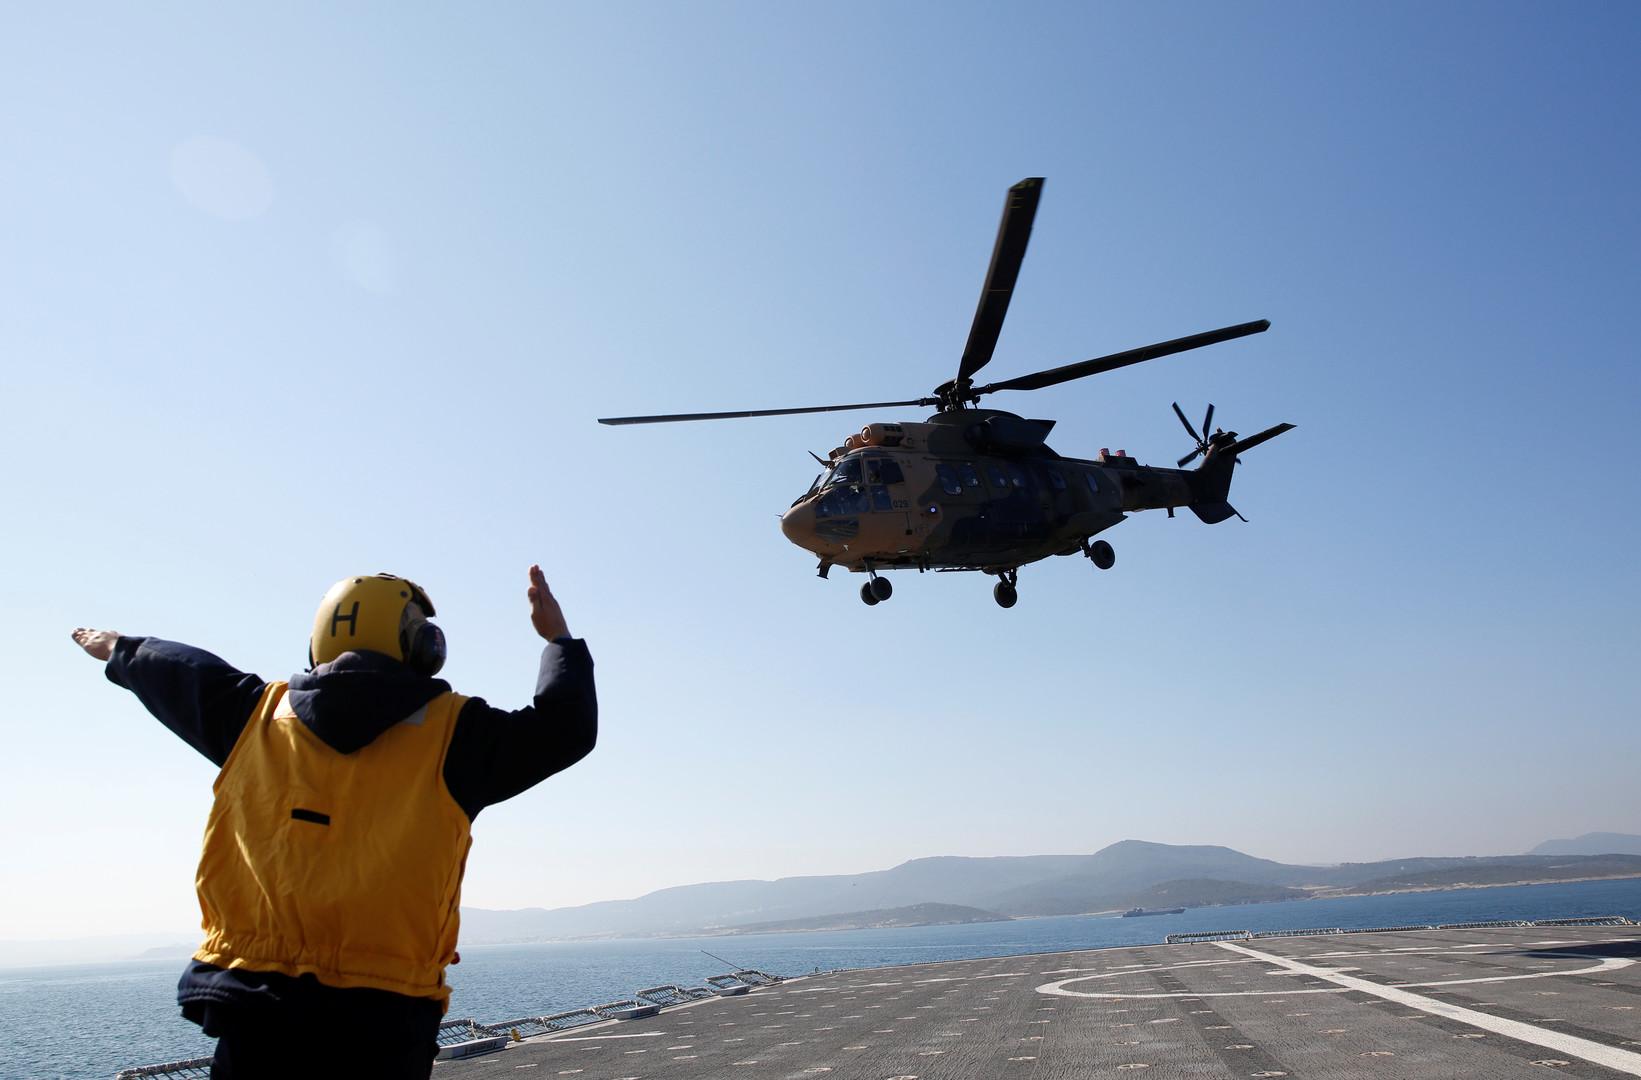 بالصور.. تركيا تطلق أكبر مناورات بحرية في تاريخها